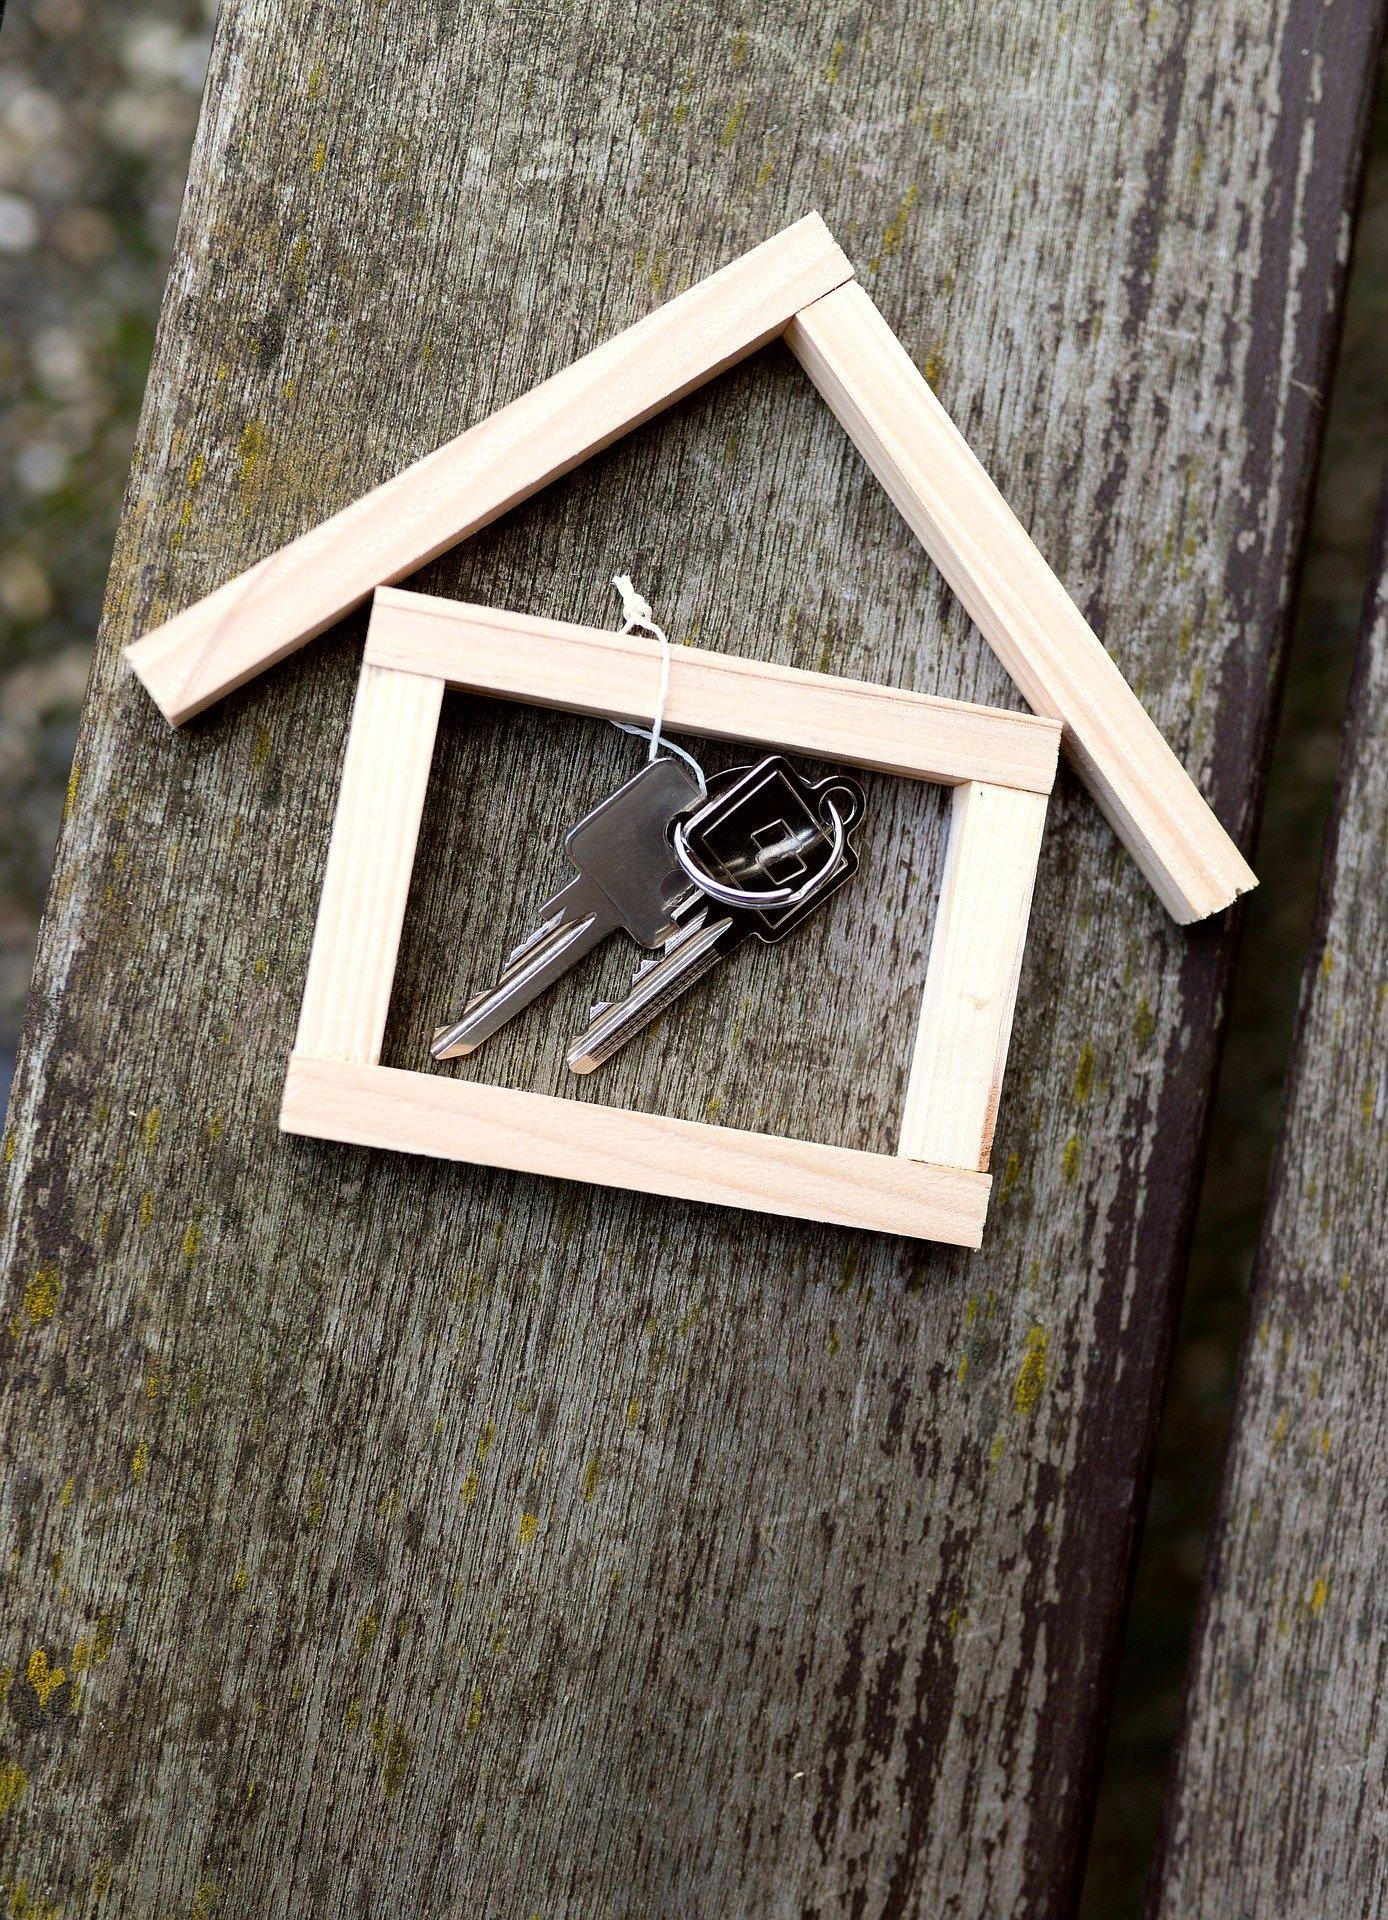 Swansea The Mortgage Lender UK landlords Precise Lenders